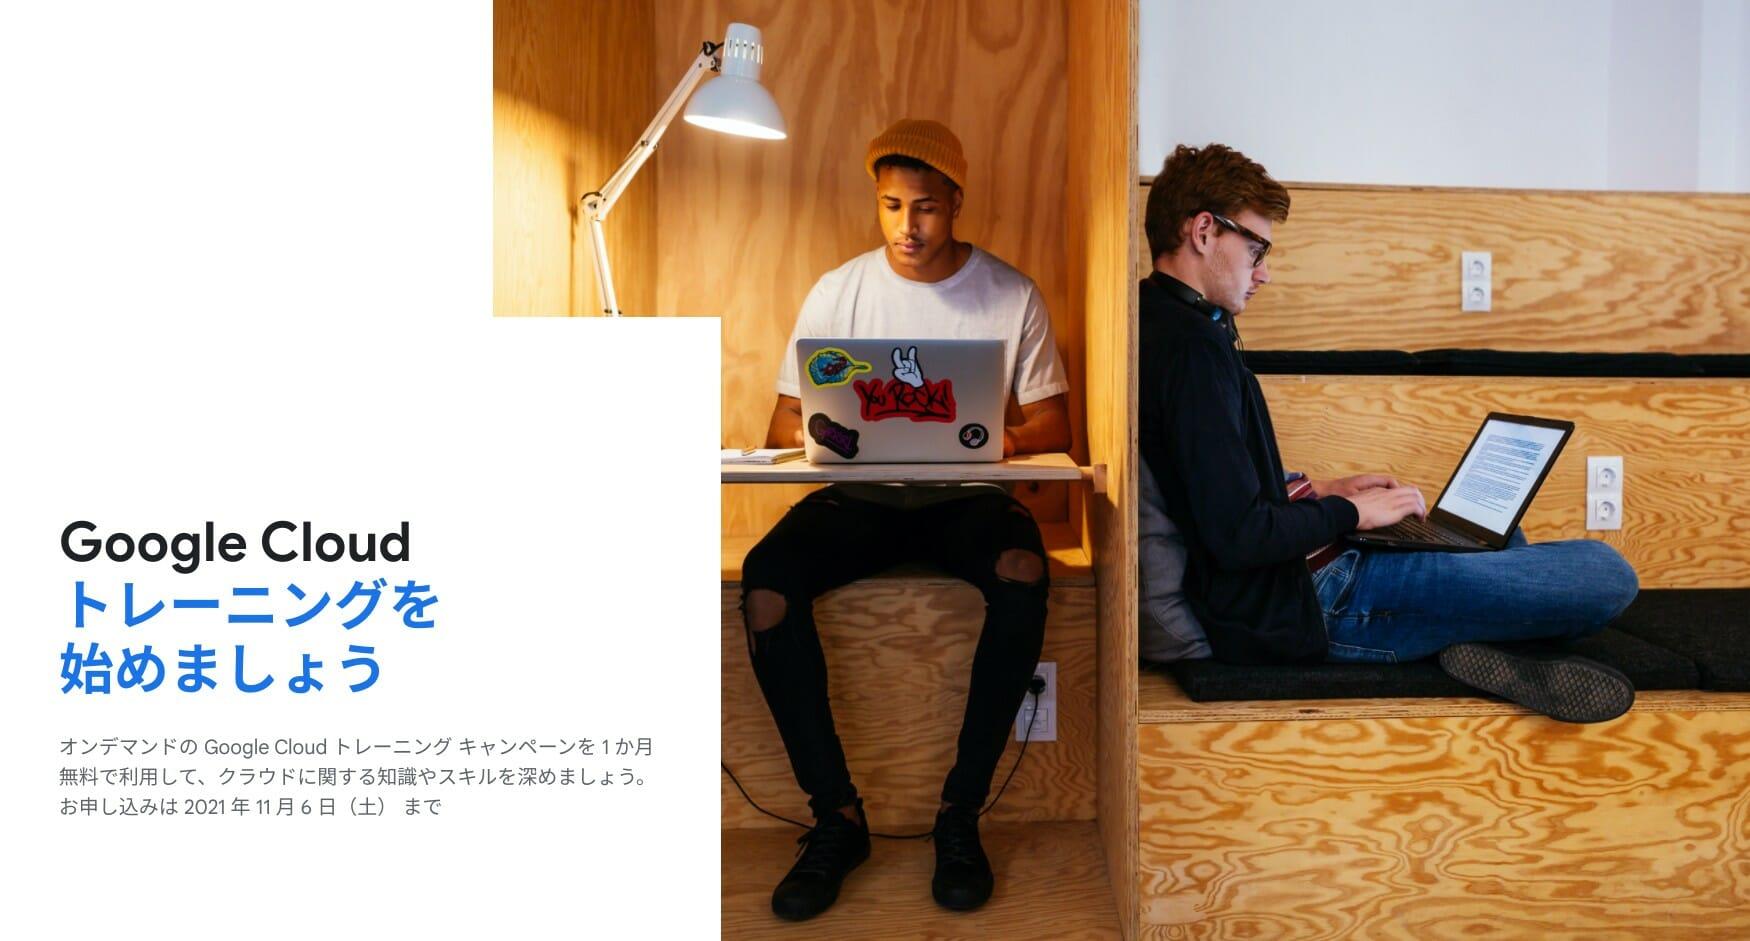 [期間限定キャンペーン] Google Cloud Skills Boost